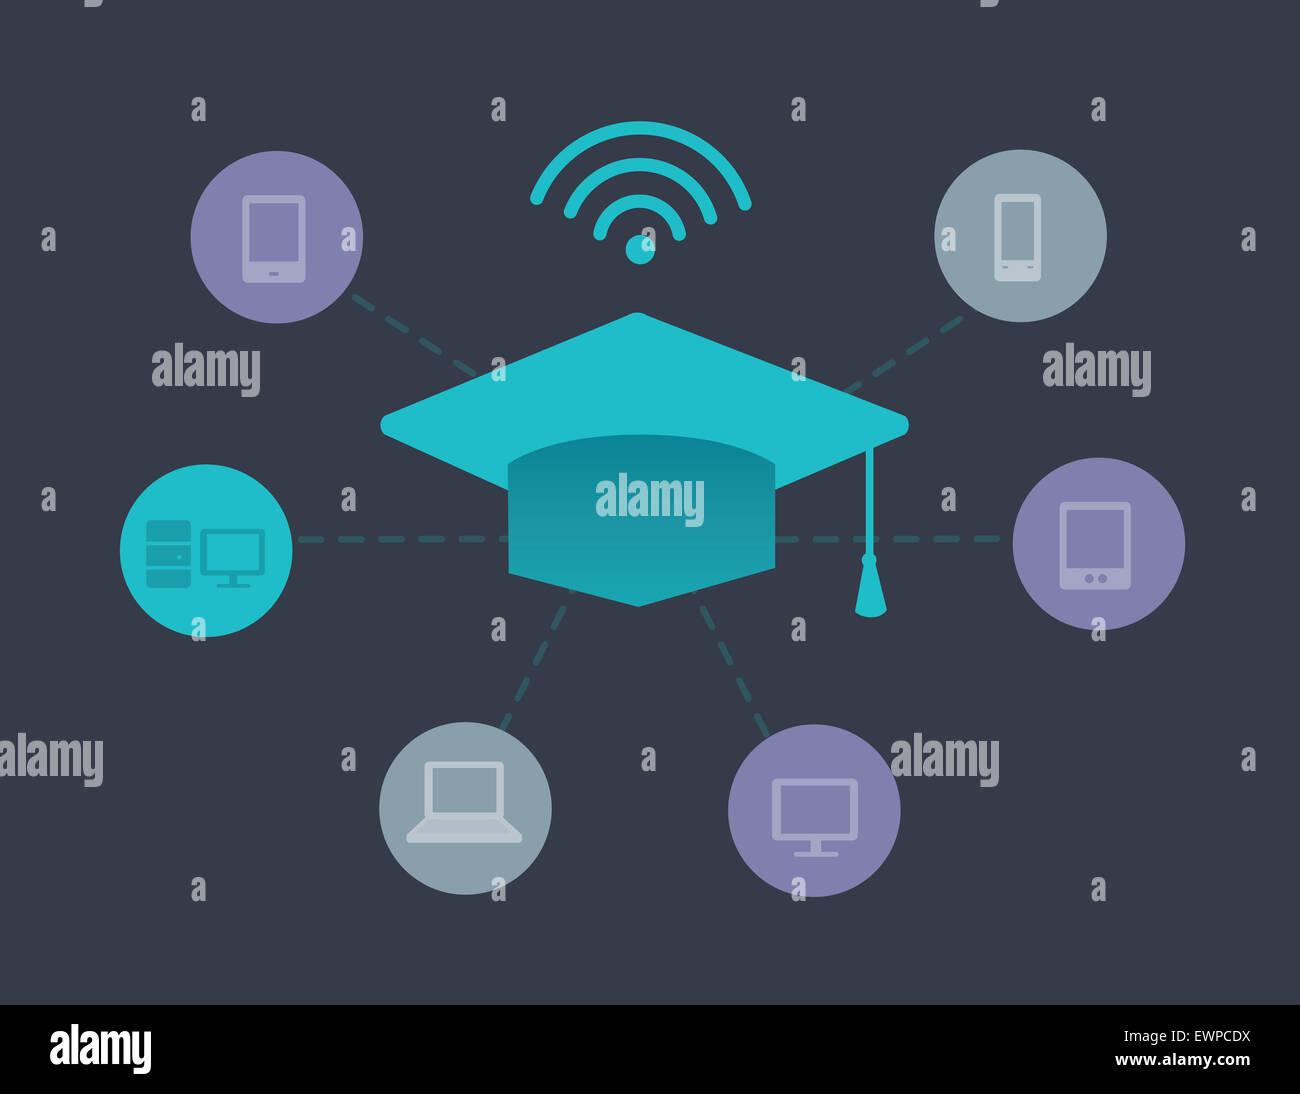 Imagen ilustrativa que representan los conceptos de educación en línea Imagen De Stock